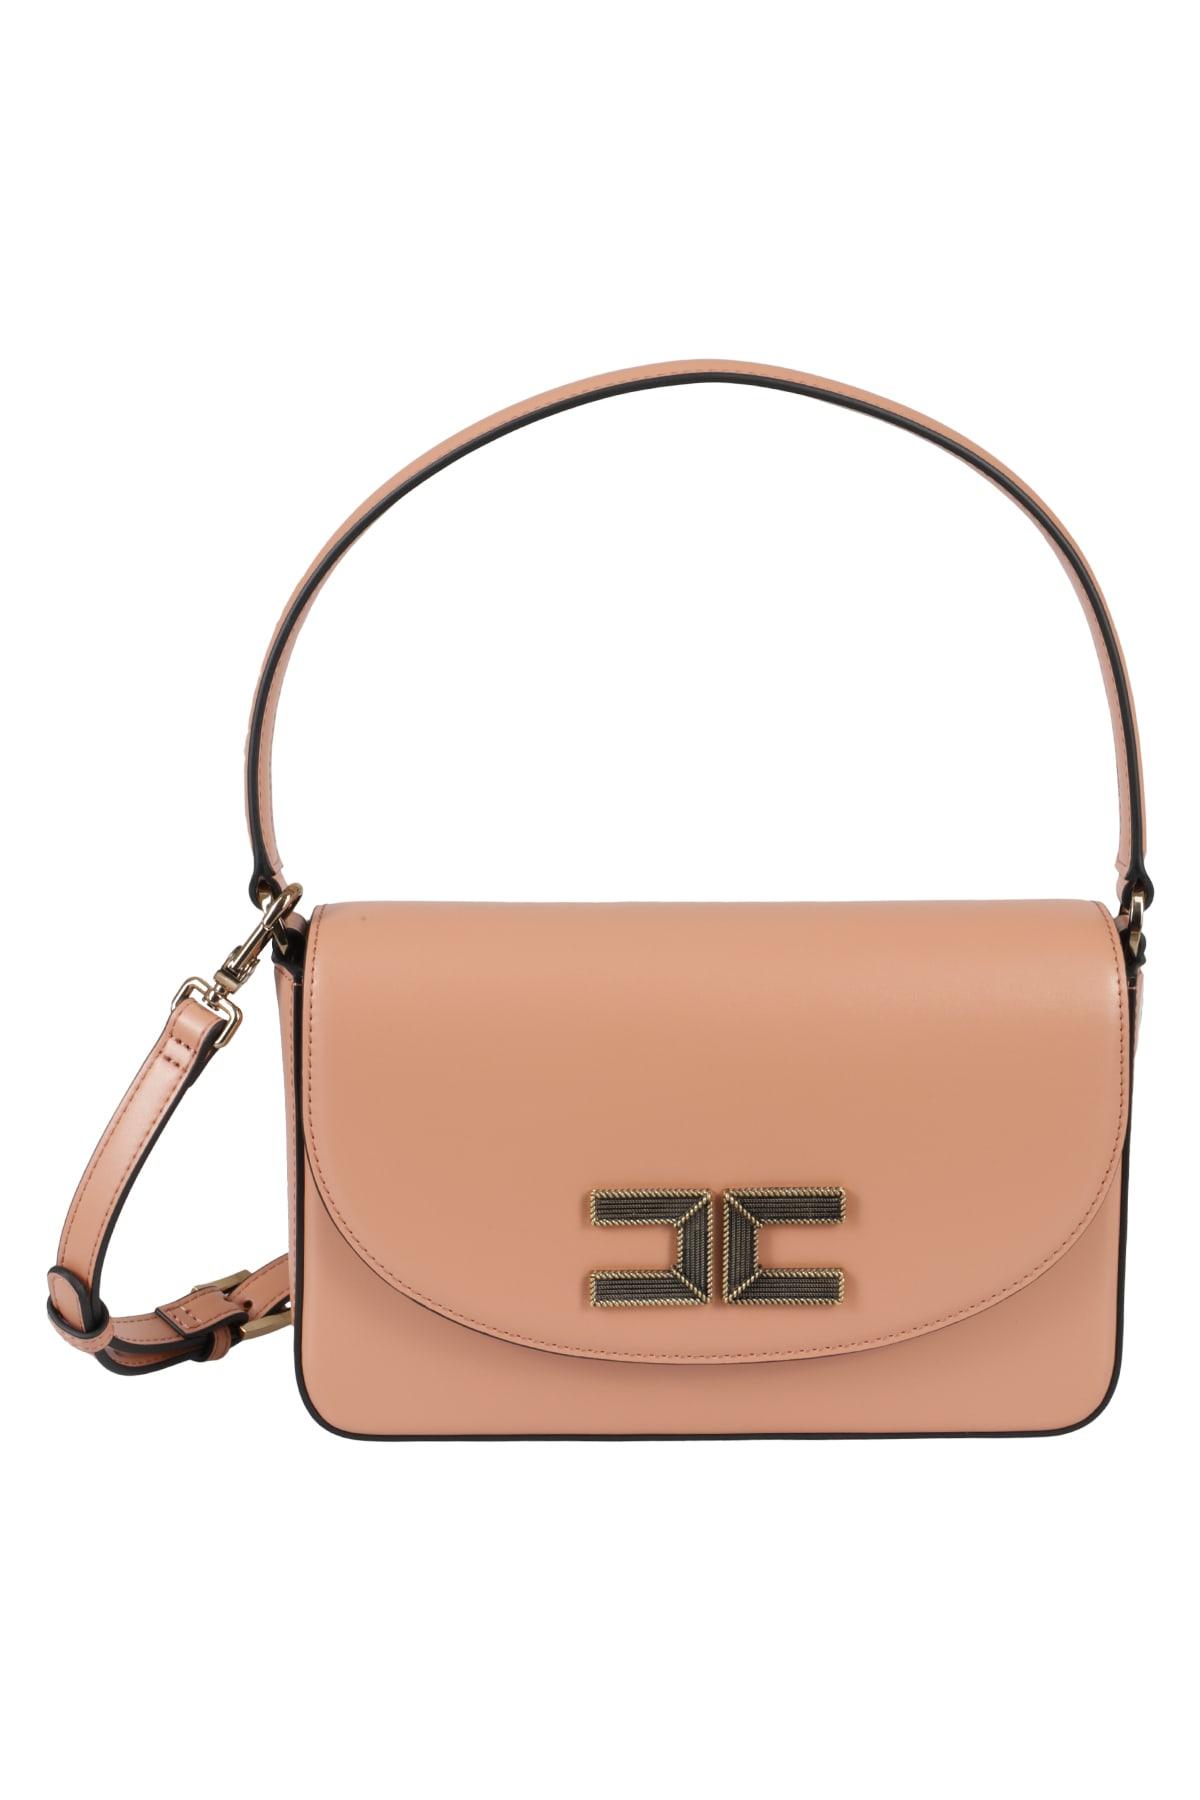 Elisabetta Franchi Shoulder Bag